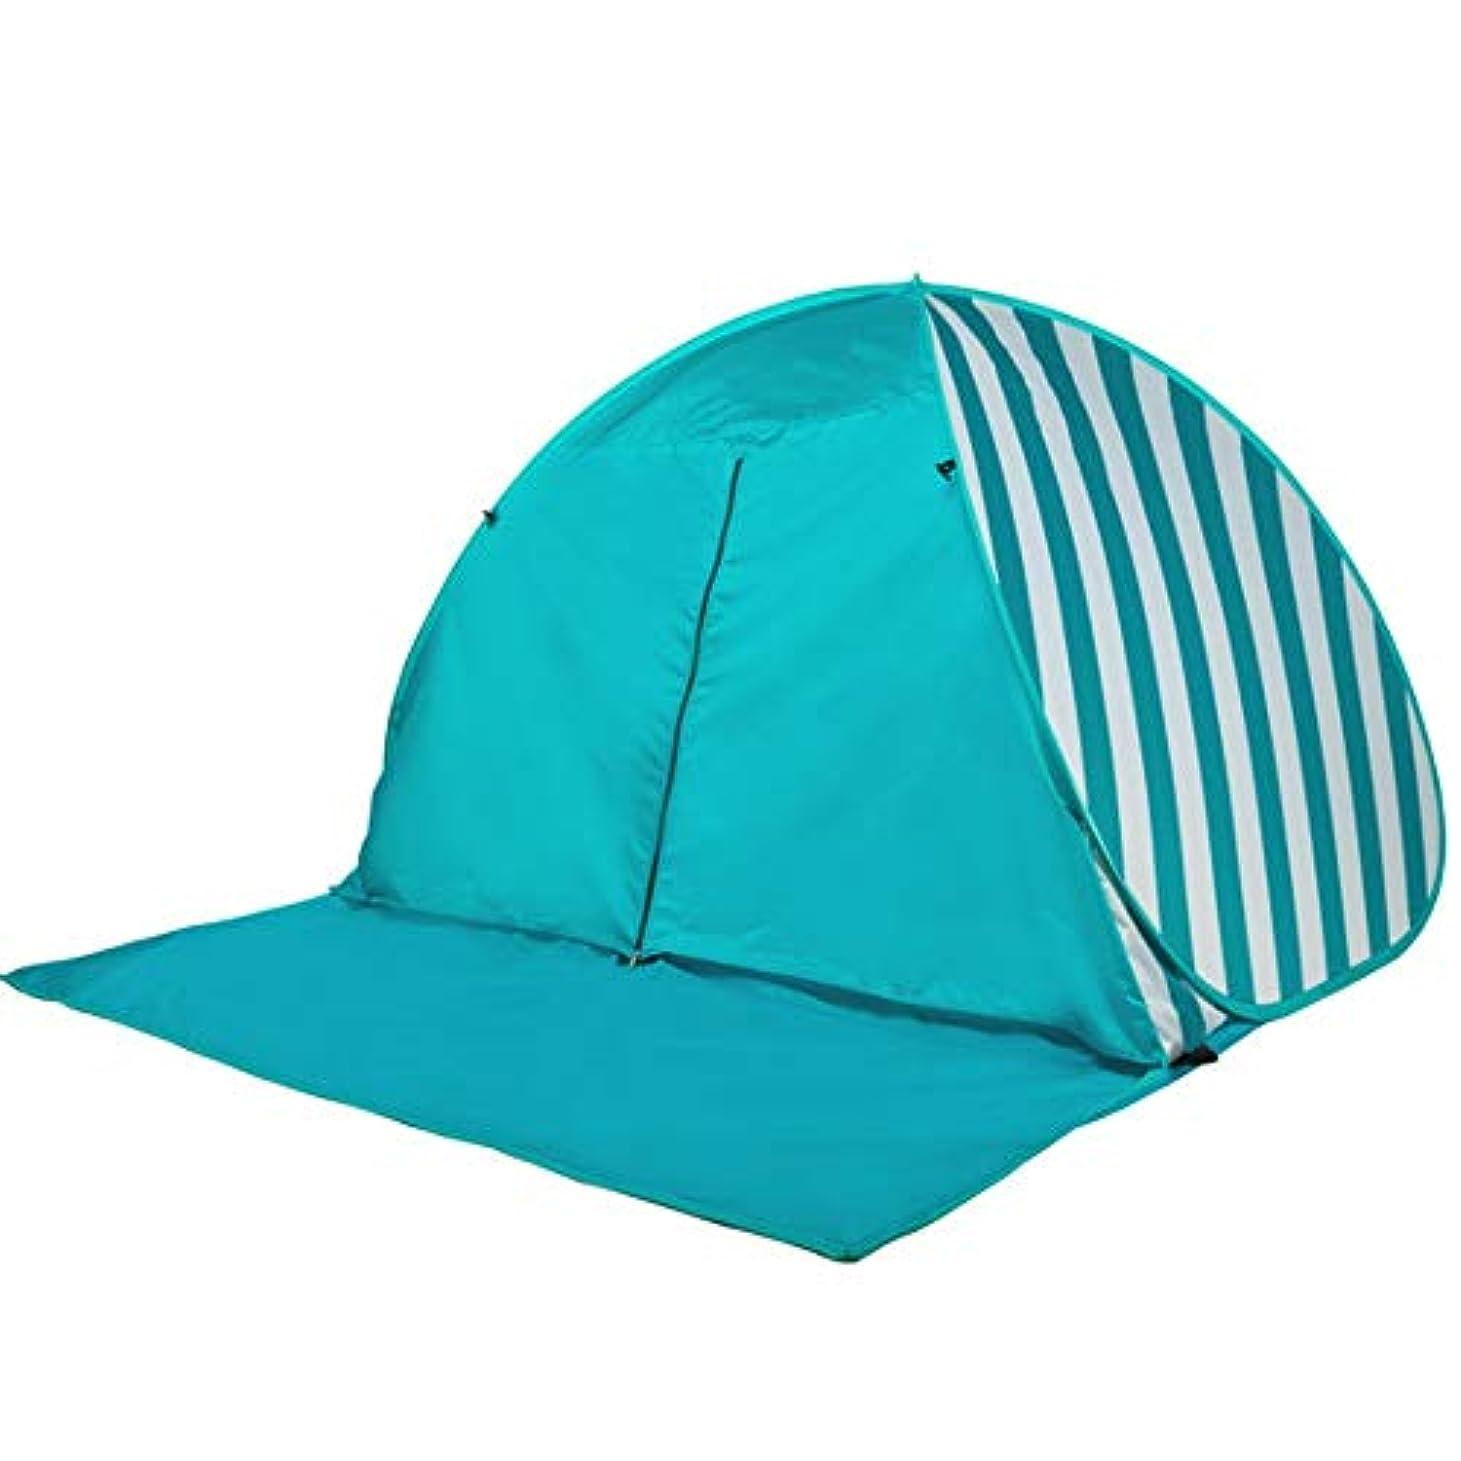 お誕生日シンジケート好み携帯用ポップアップテント、 ブルーストリップポップアップビーチテント3-4人家族の紫外線保護大型サンシェードポータブルサンシェルターキャンプのための自動インスタントキャノピーテント釣りハイキングピクニック屋外ジッパー付きキャノピーカバナテント付きジッパーキャリーバッグ (色 : Blue strips, サイズ : 190*210*130cm)